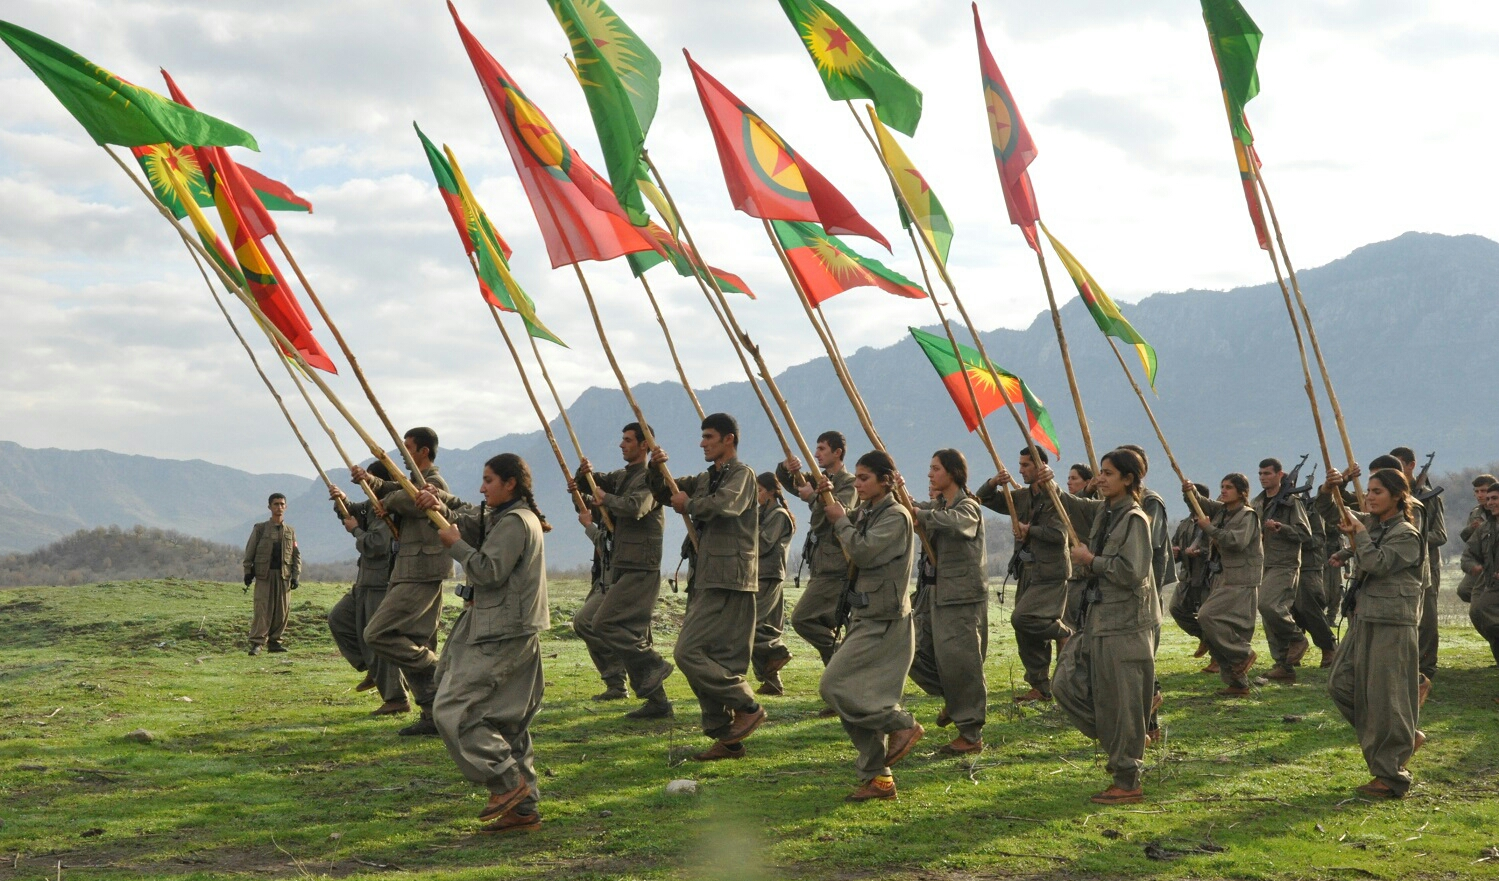 سياسيون وشخصيات اوربية يوقعون على بيان يطالب بازالة PKK من قائمة الحظر